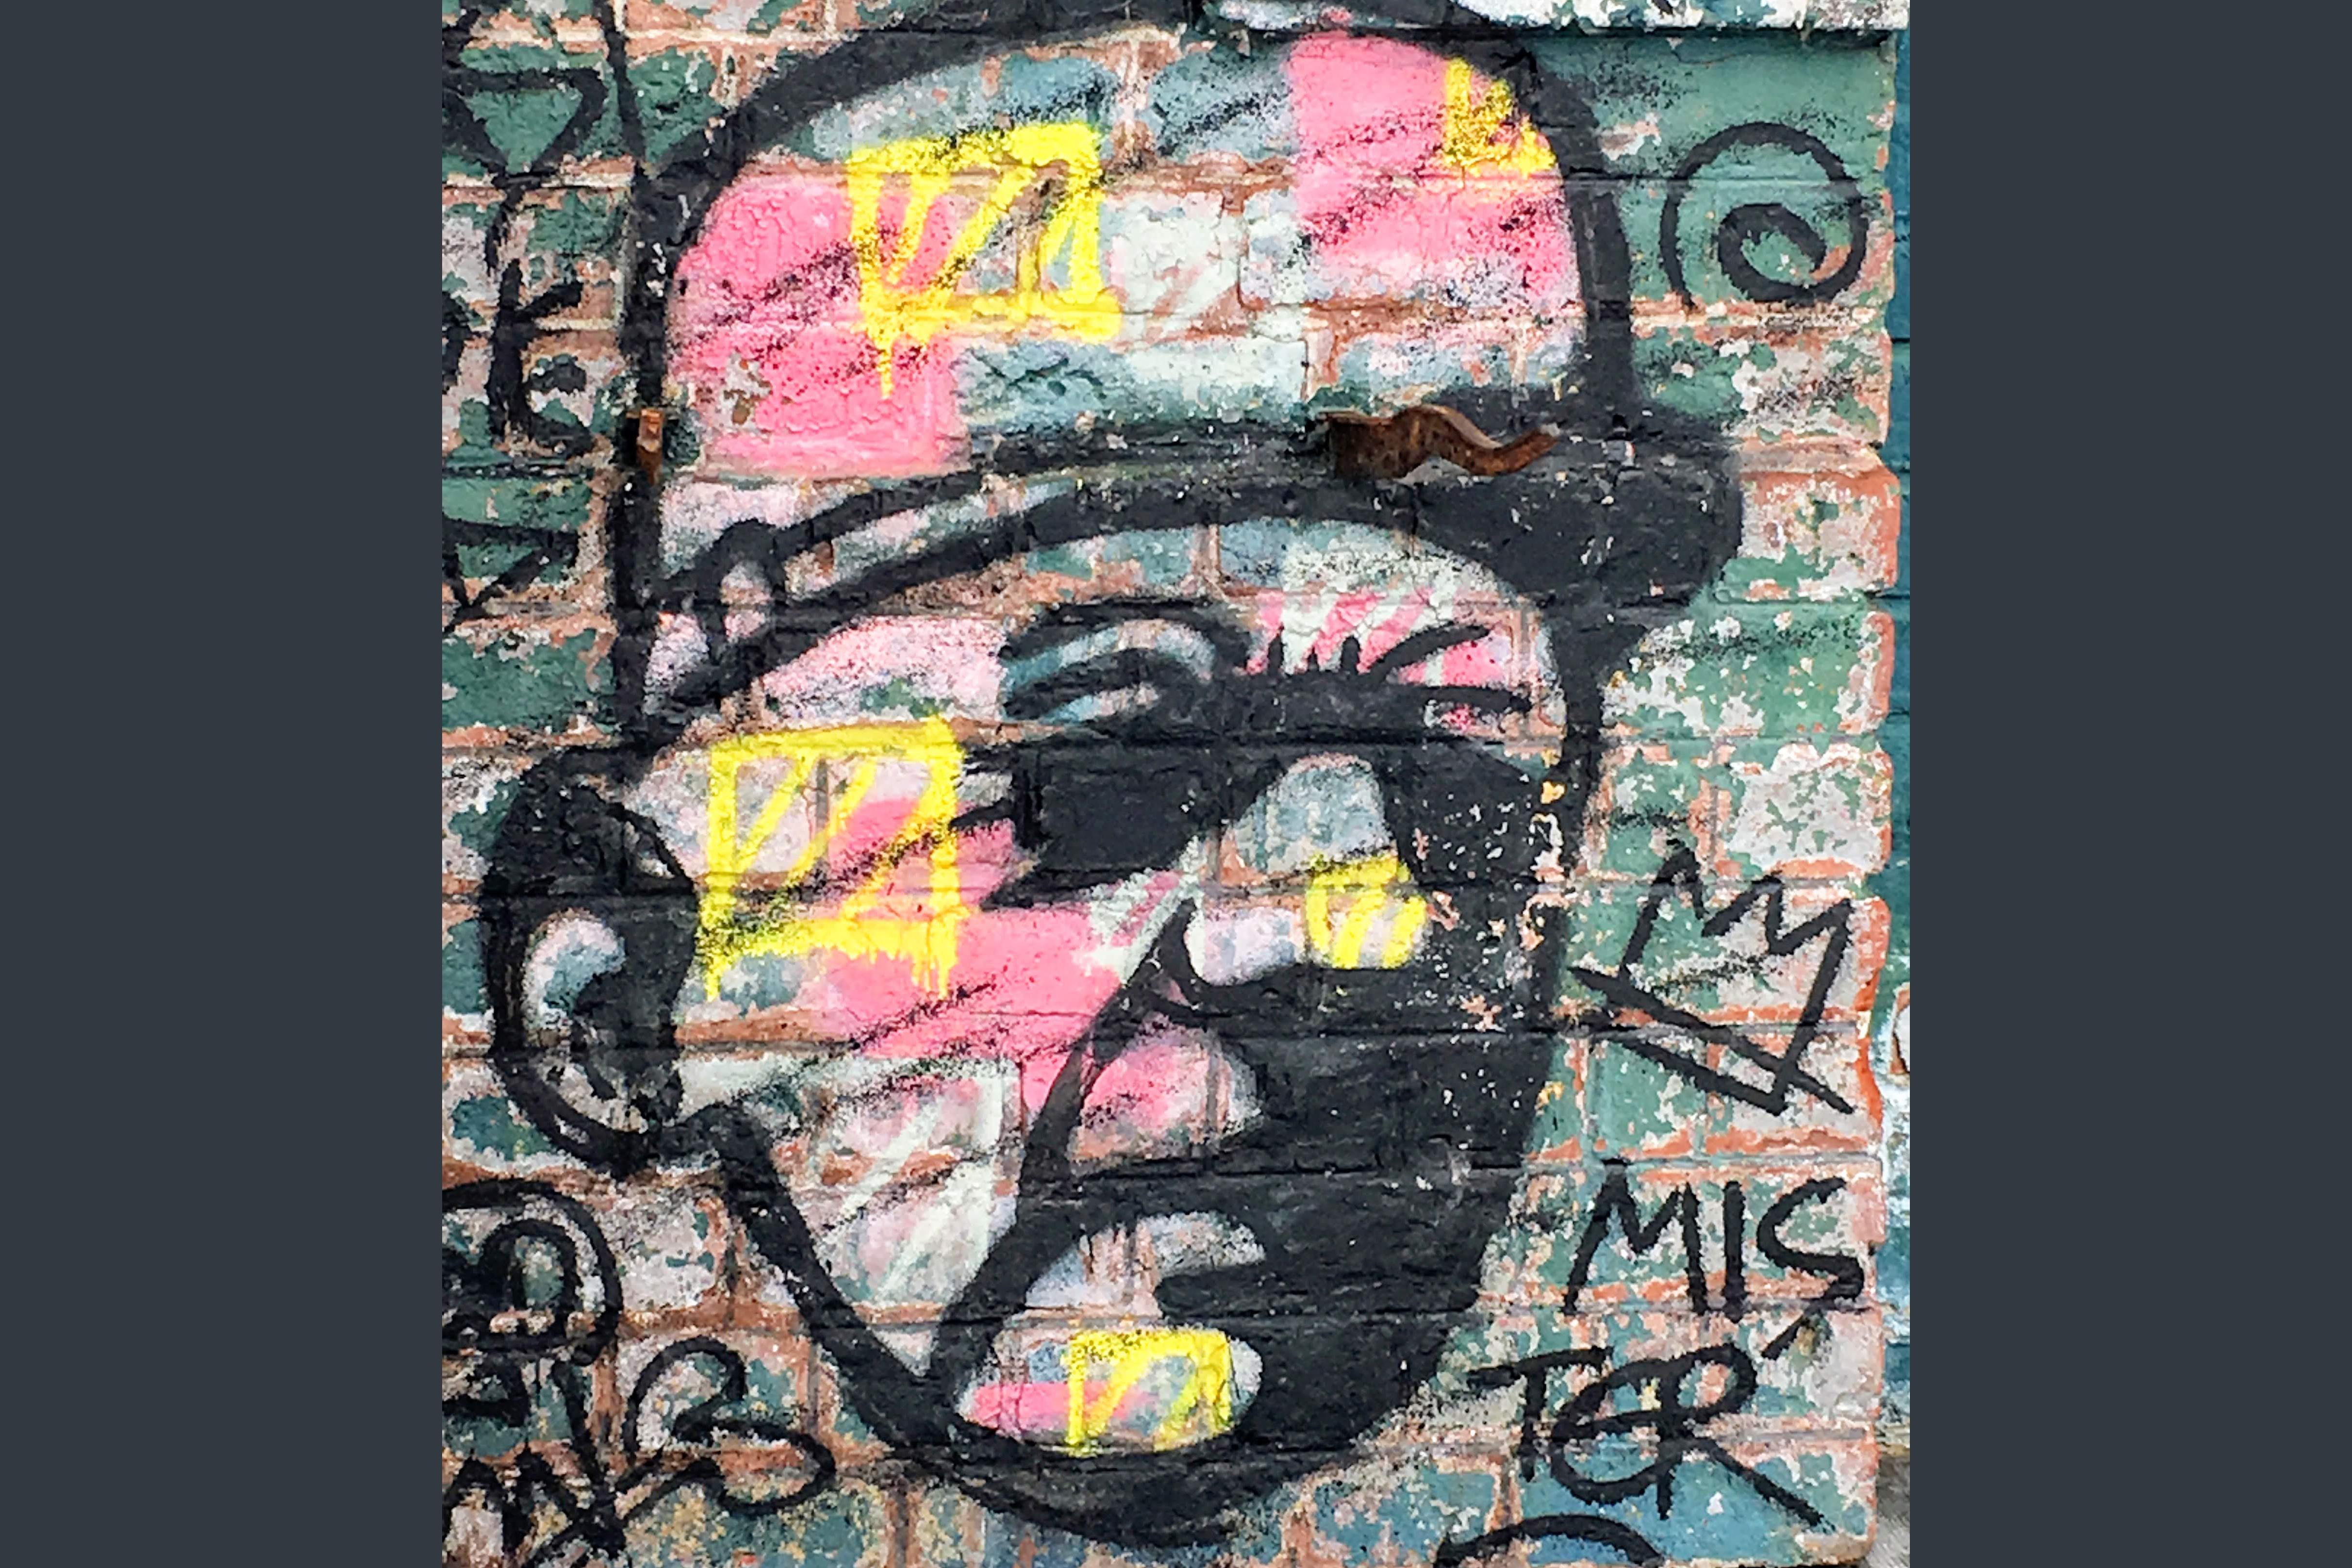 graffitti du général de gaulles